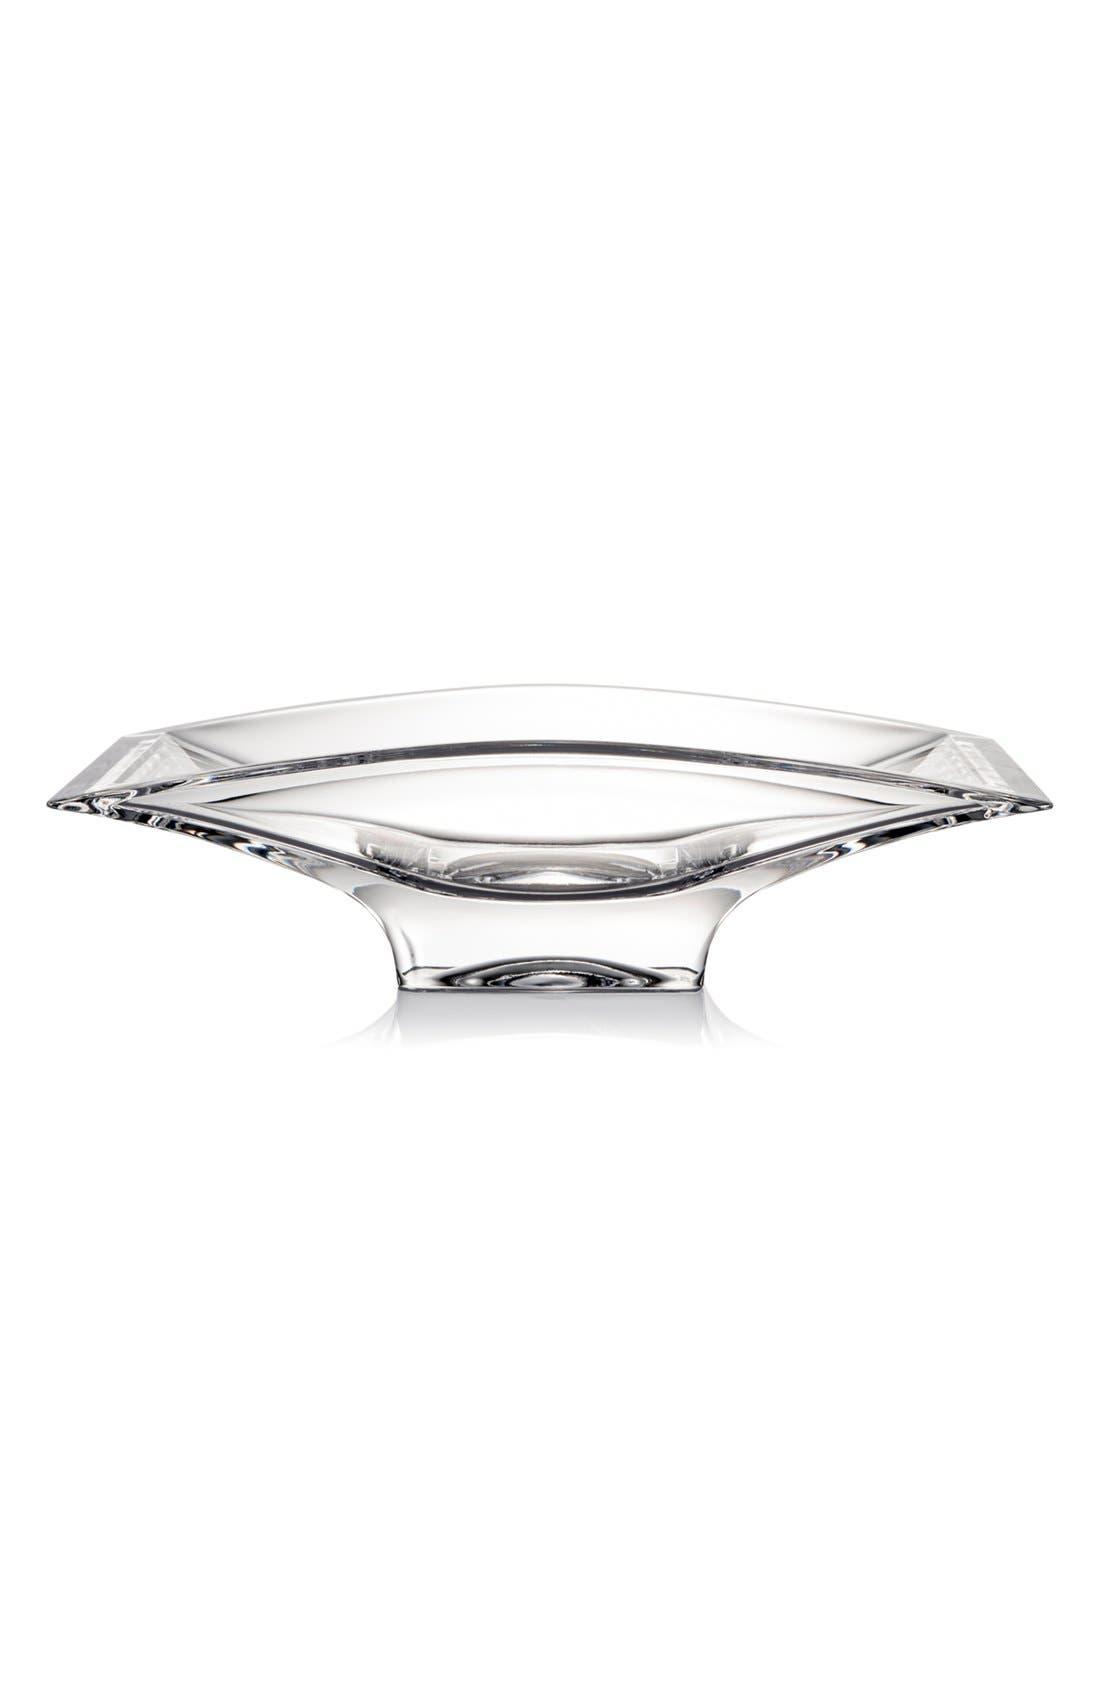 Main Image - Nambé 'Planar' Bowl